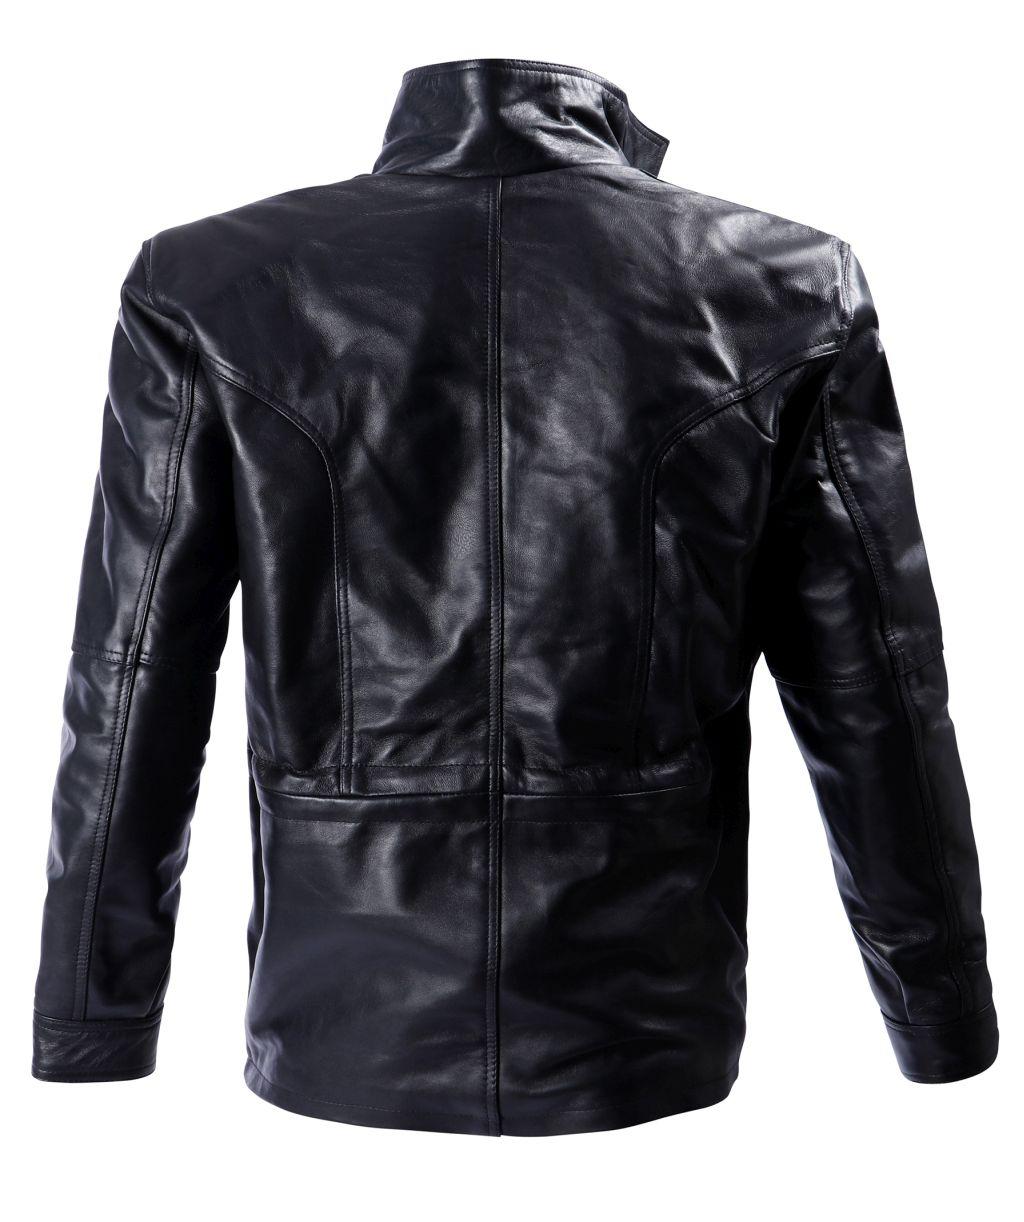 Bangla Elegante Winter Lederjacke Leder Jacke Herren Schwarz M - 7 XL